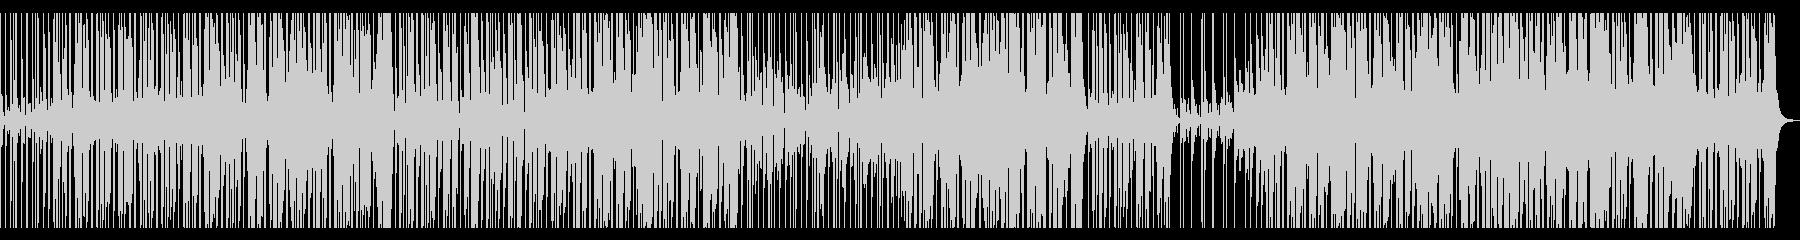 スローテンポのファンクロックインストの未再生の波形